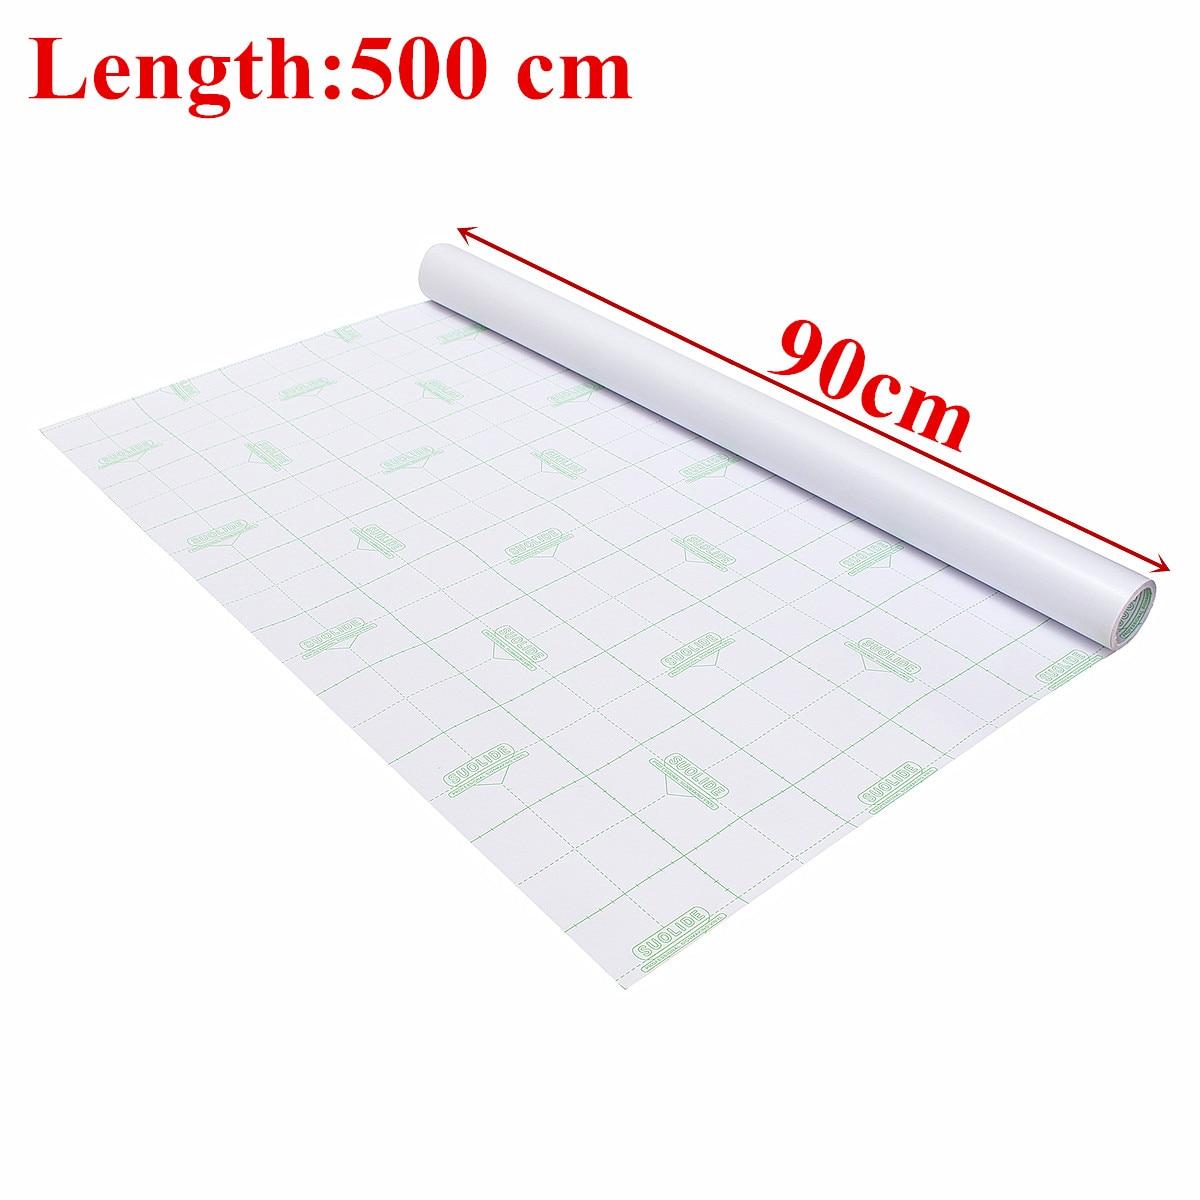 Teinte de confidentialité de fenêtre givrée 90 cm x 500 cm Film de PVC de verre pour bricolage maison/bureau/magasin décor à la maison salle de bains fenêtre teinte de verre